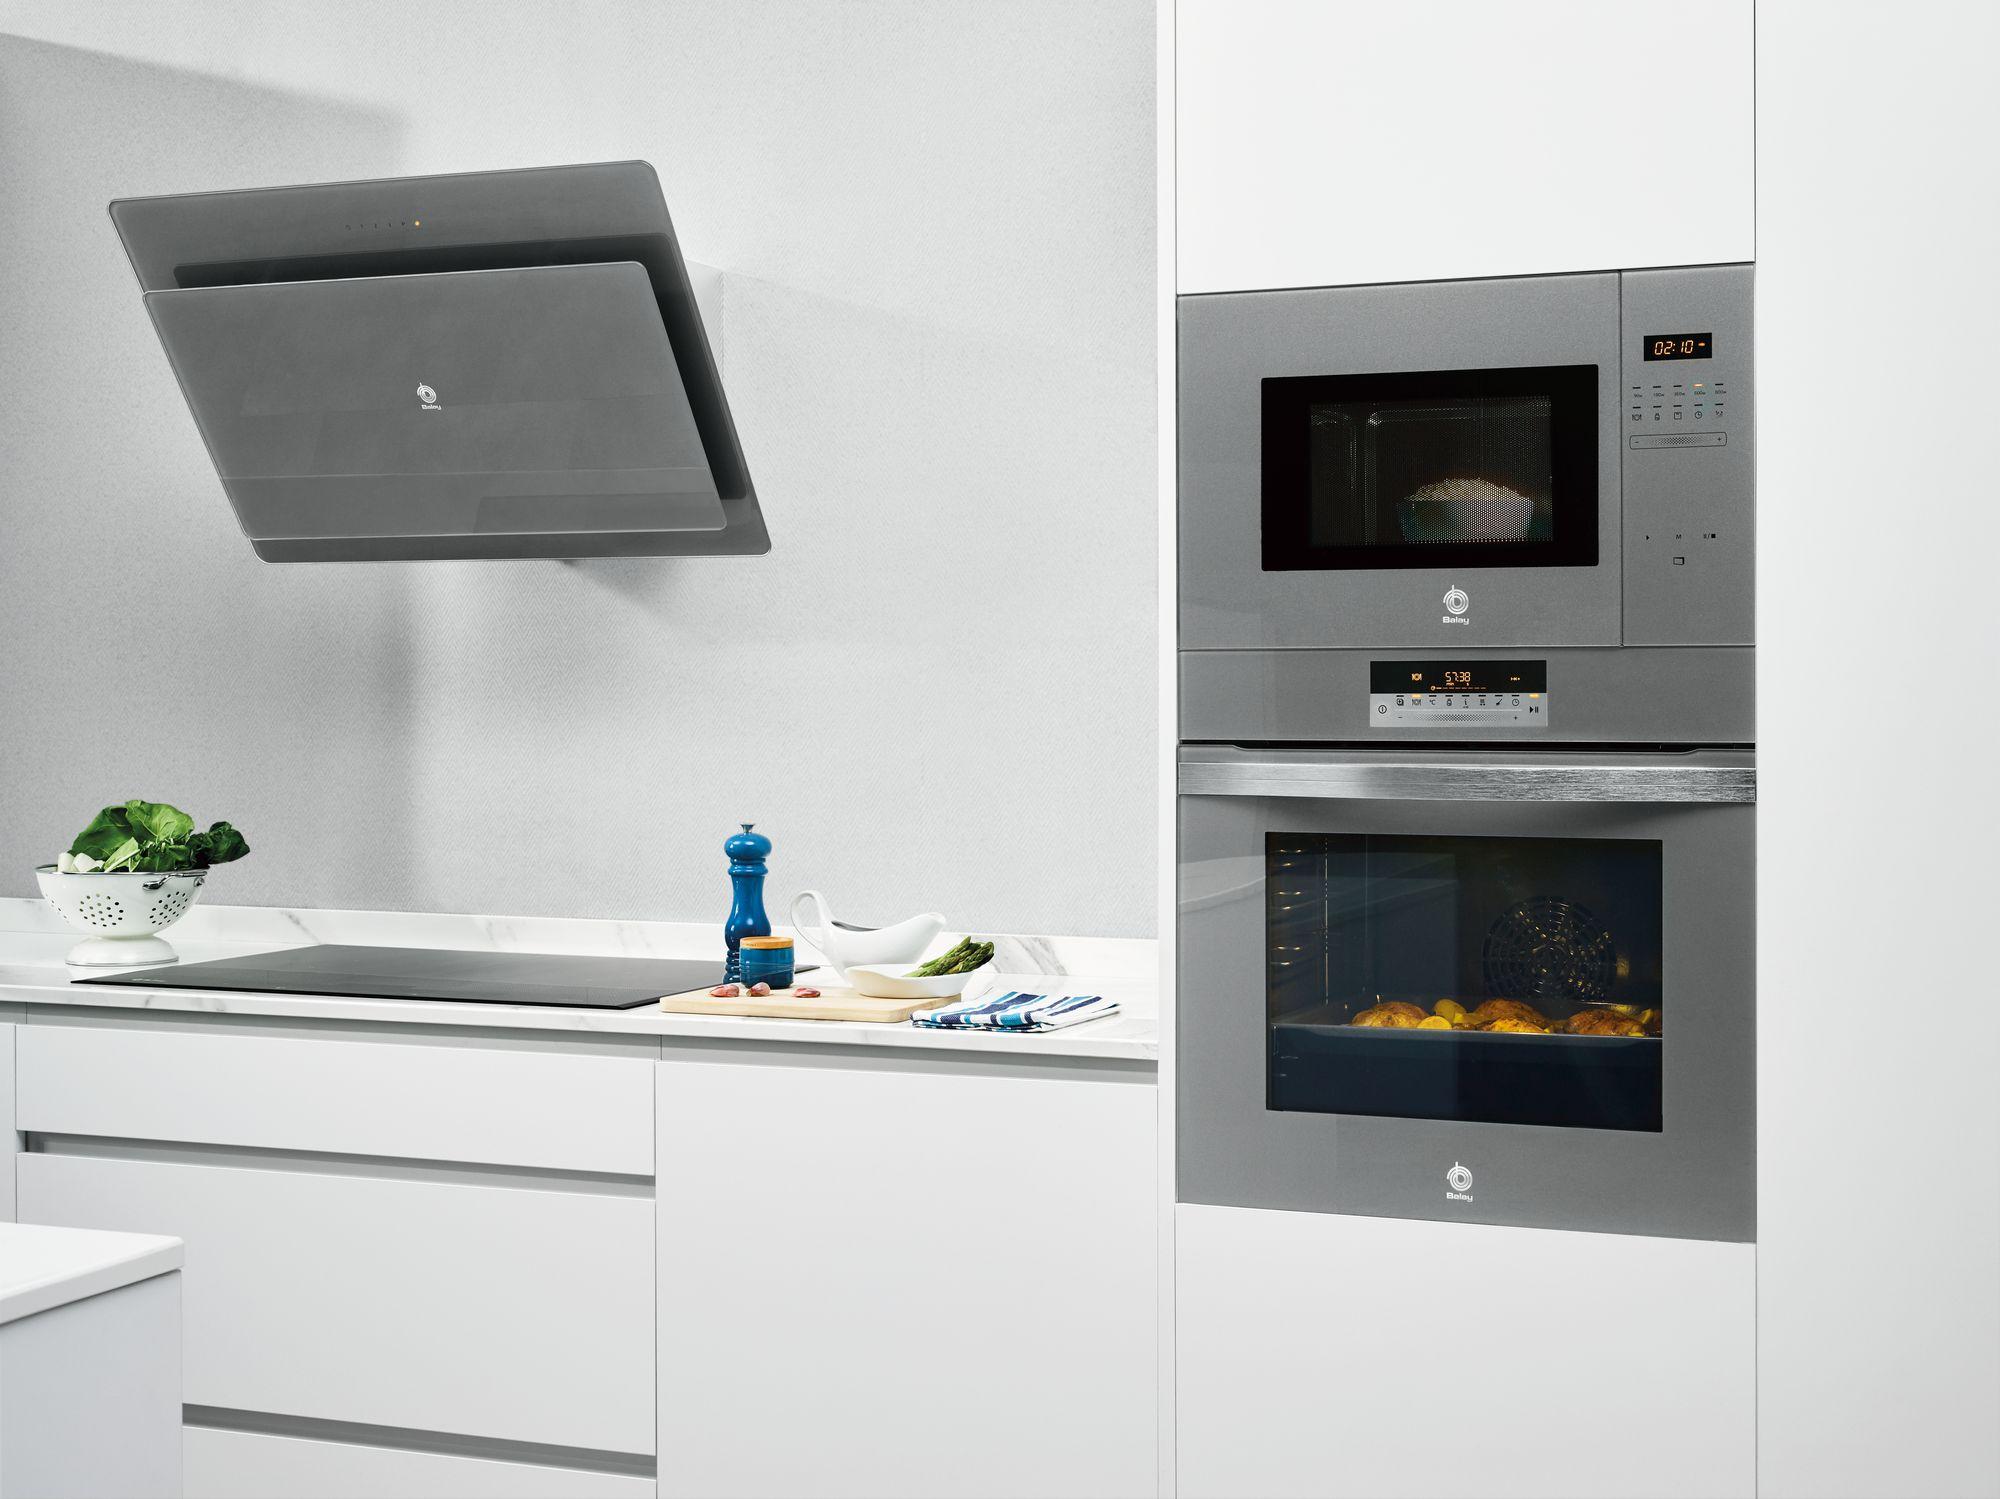 Compra tu cocina completa en cristal balay y ll vate un - Cocinas de induccion balay ...